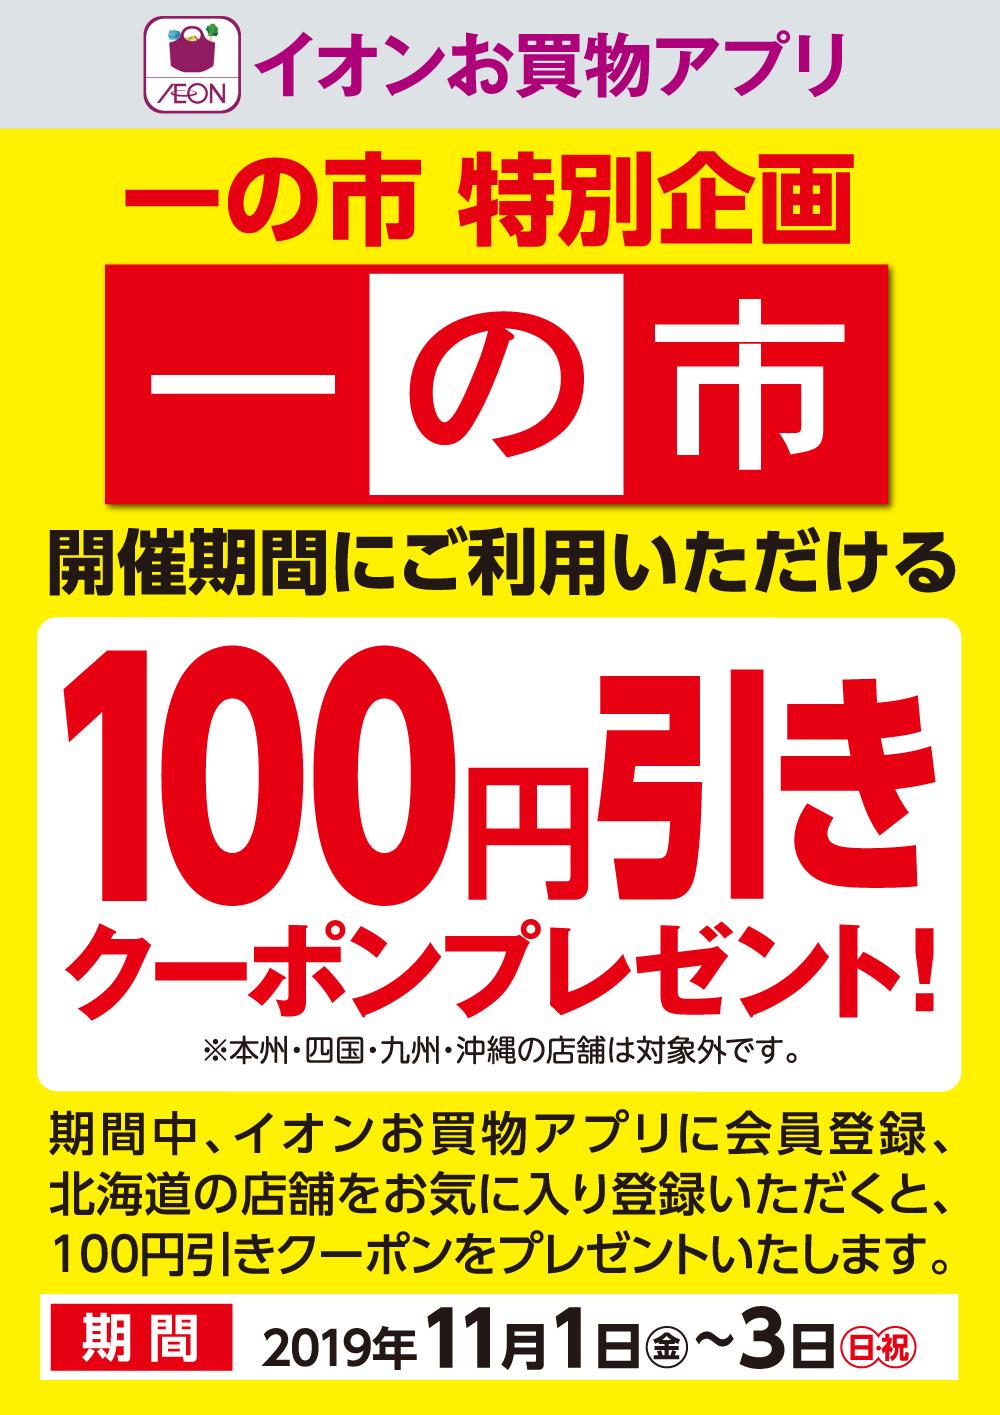 イオンお買い物アプリで北海道限定、一の市で使える100円引きクーポンを配布中。11/1~11/3。